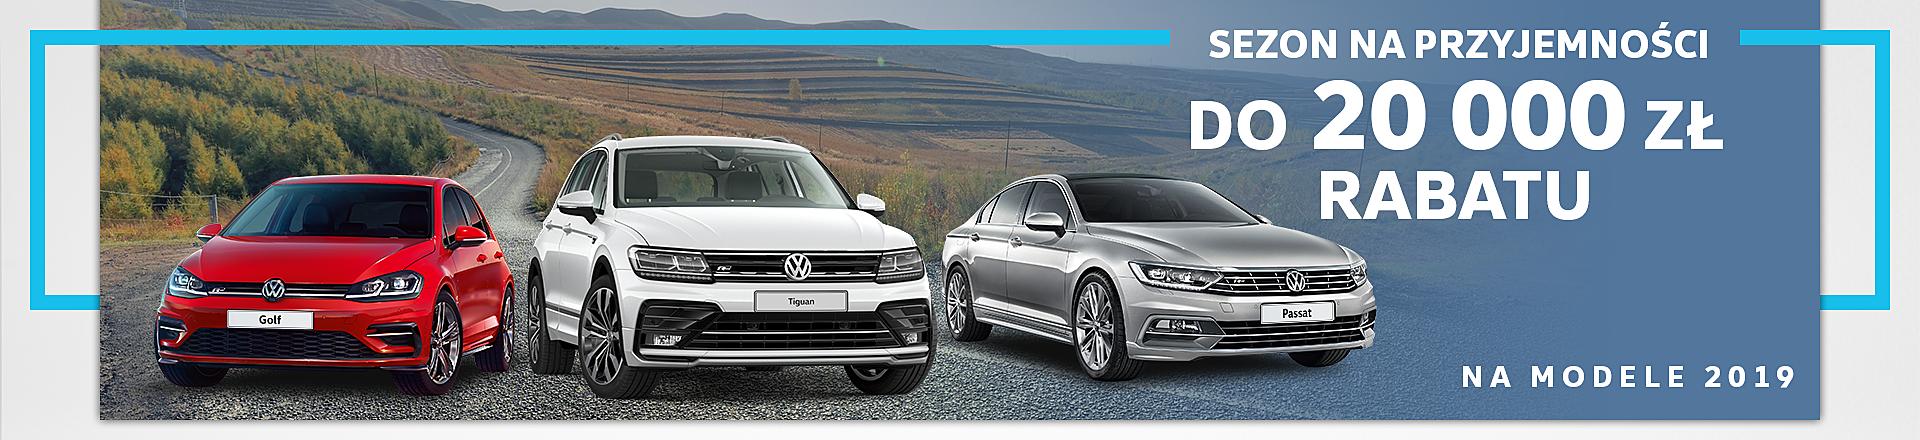 Do 20 tysięcy złotych rabatu na modele Volkswagena z rocznika 2019 2